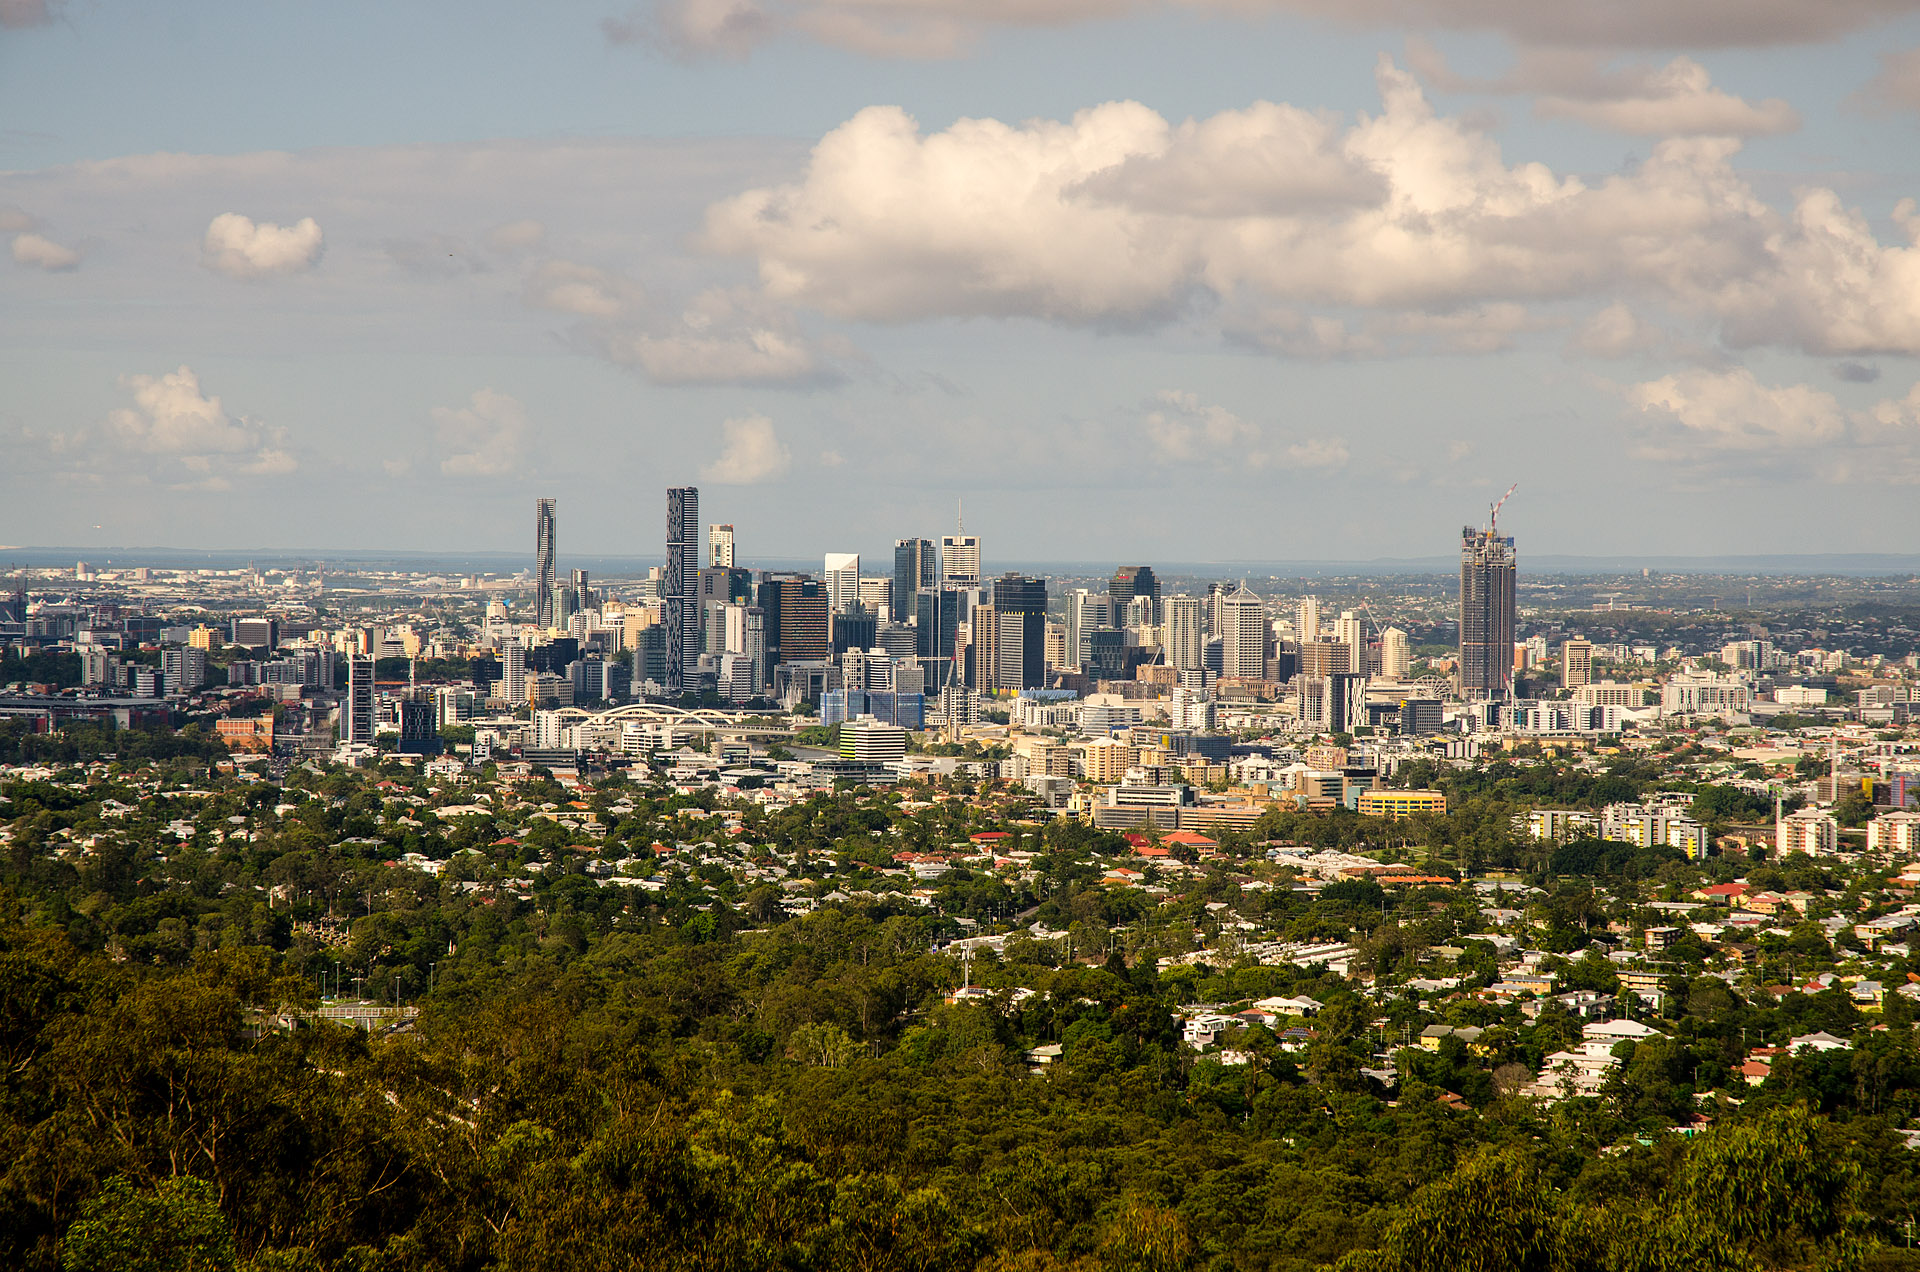 Brisbane skyline from Mt. Coot-tha